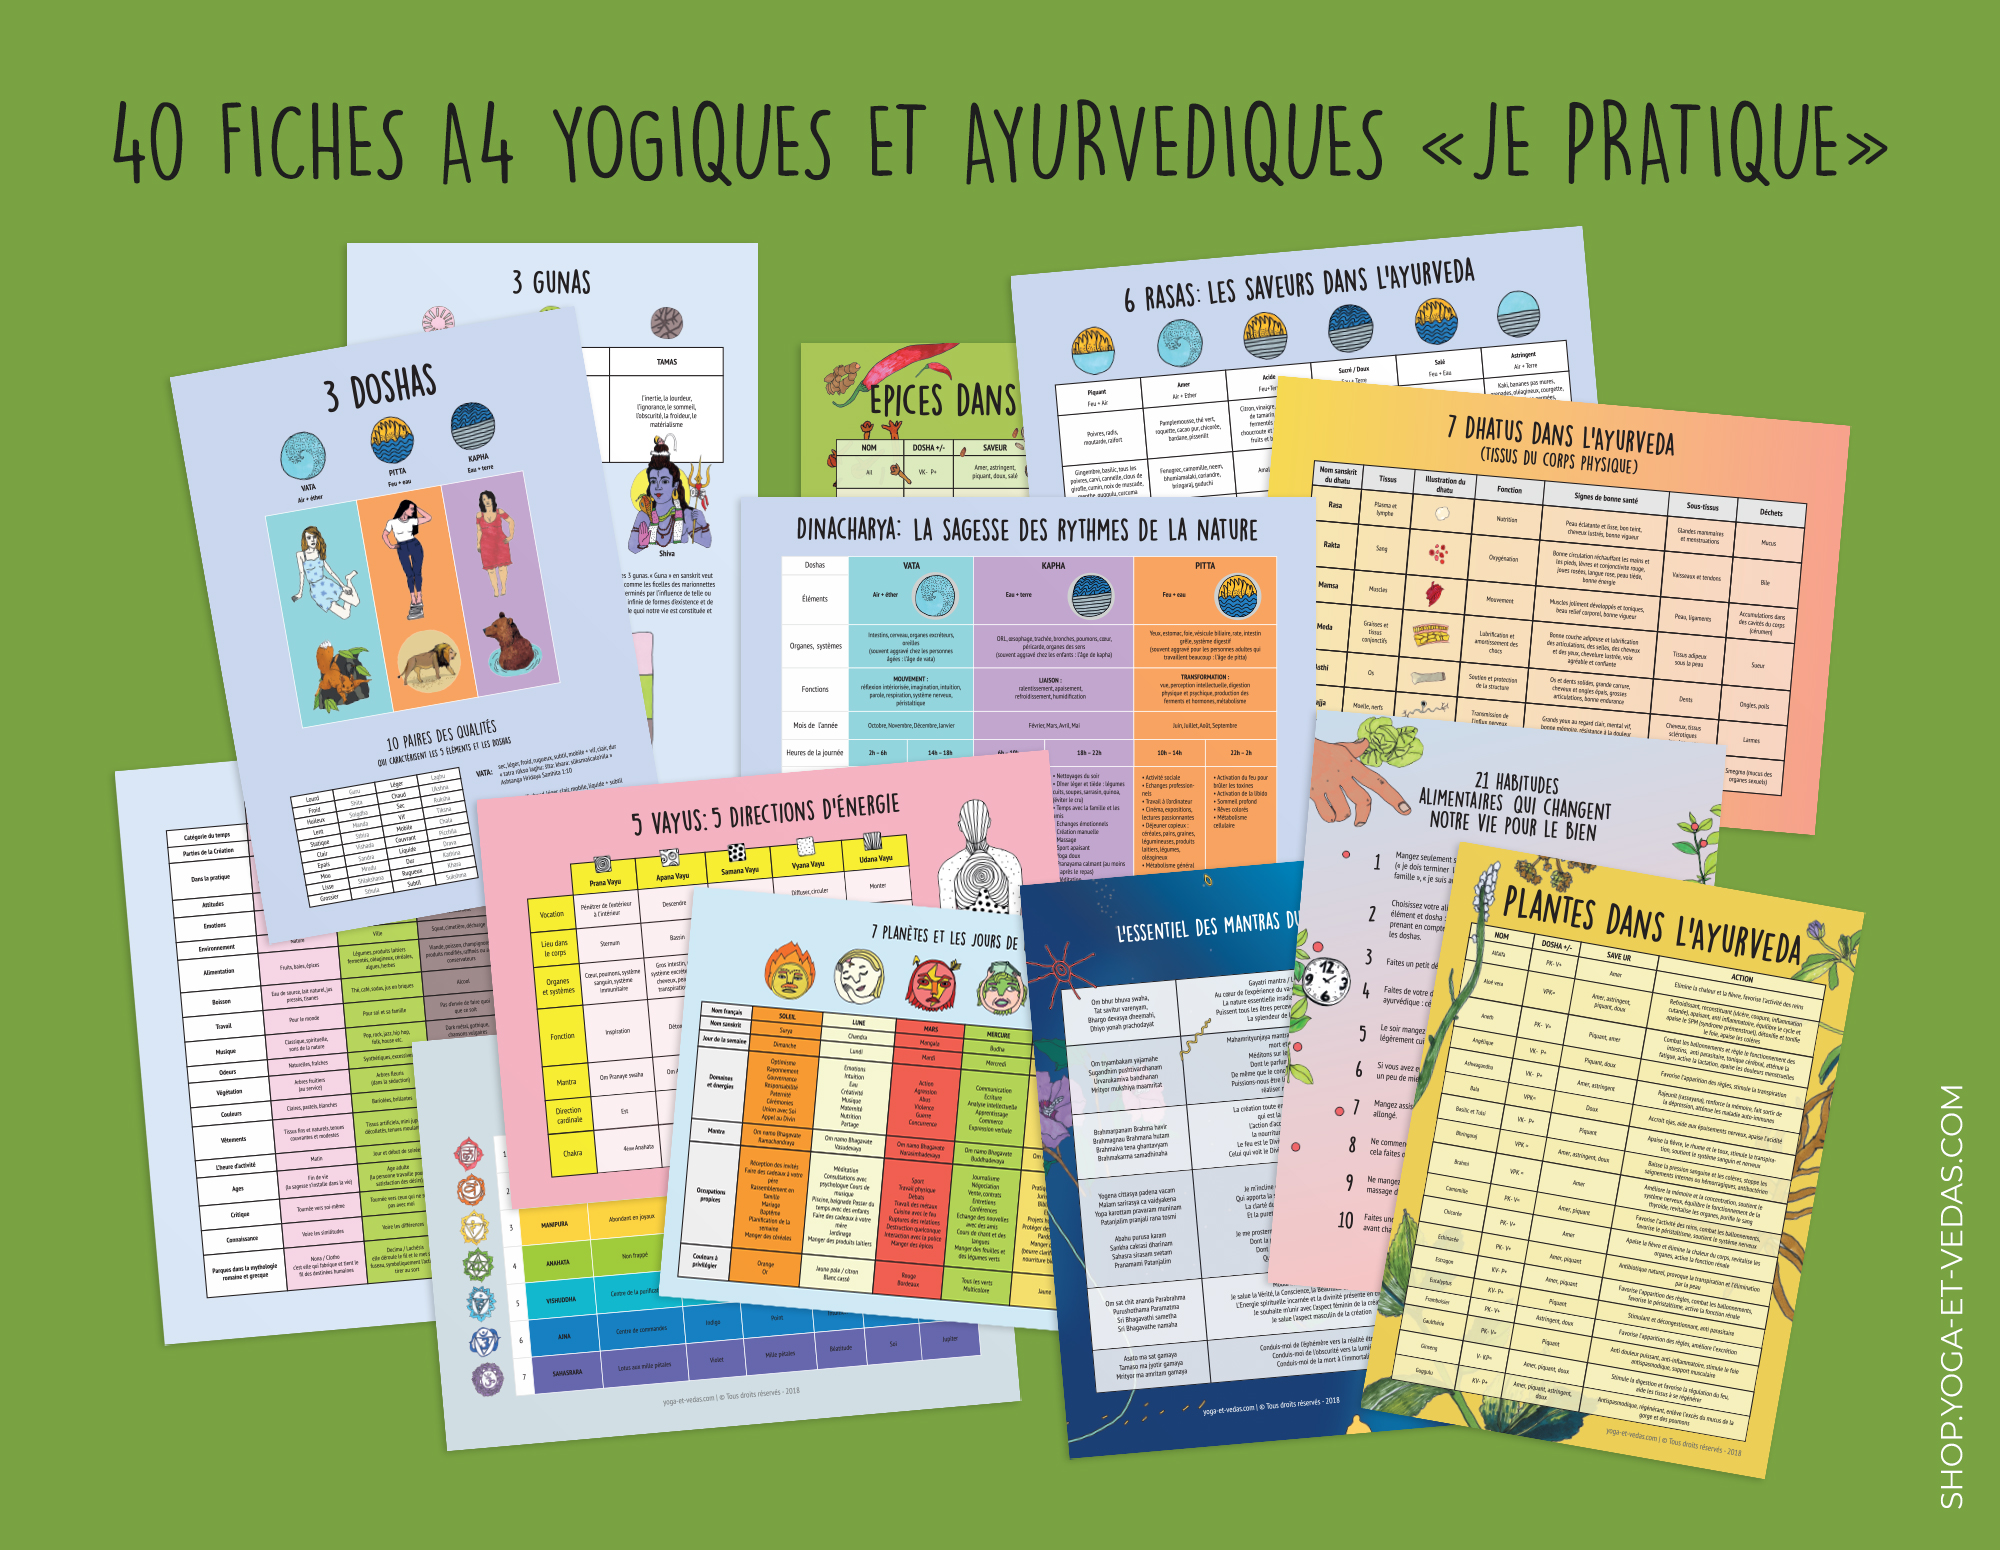 40 Fiches A4 yogiques et ayurvédiques - Shop Yoga&Vedas